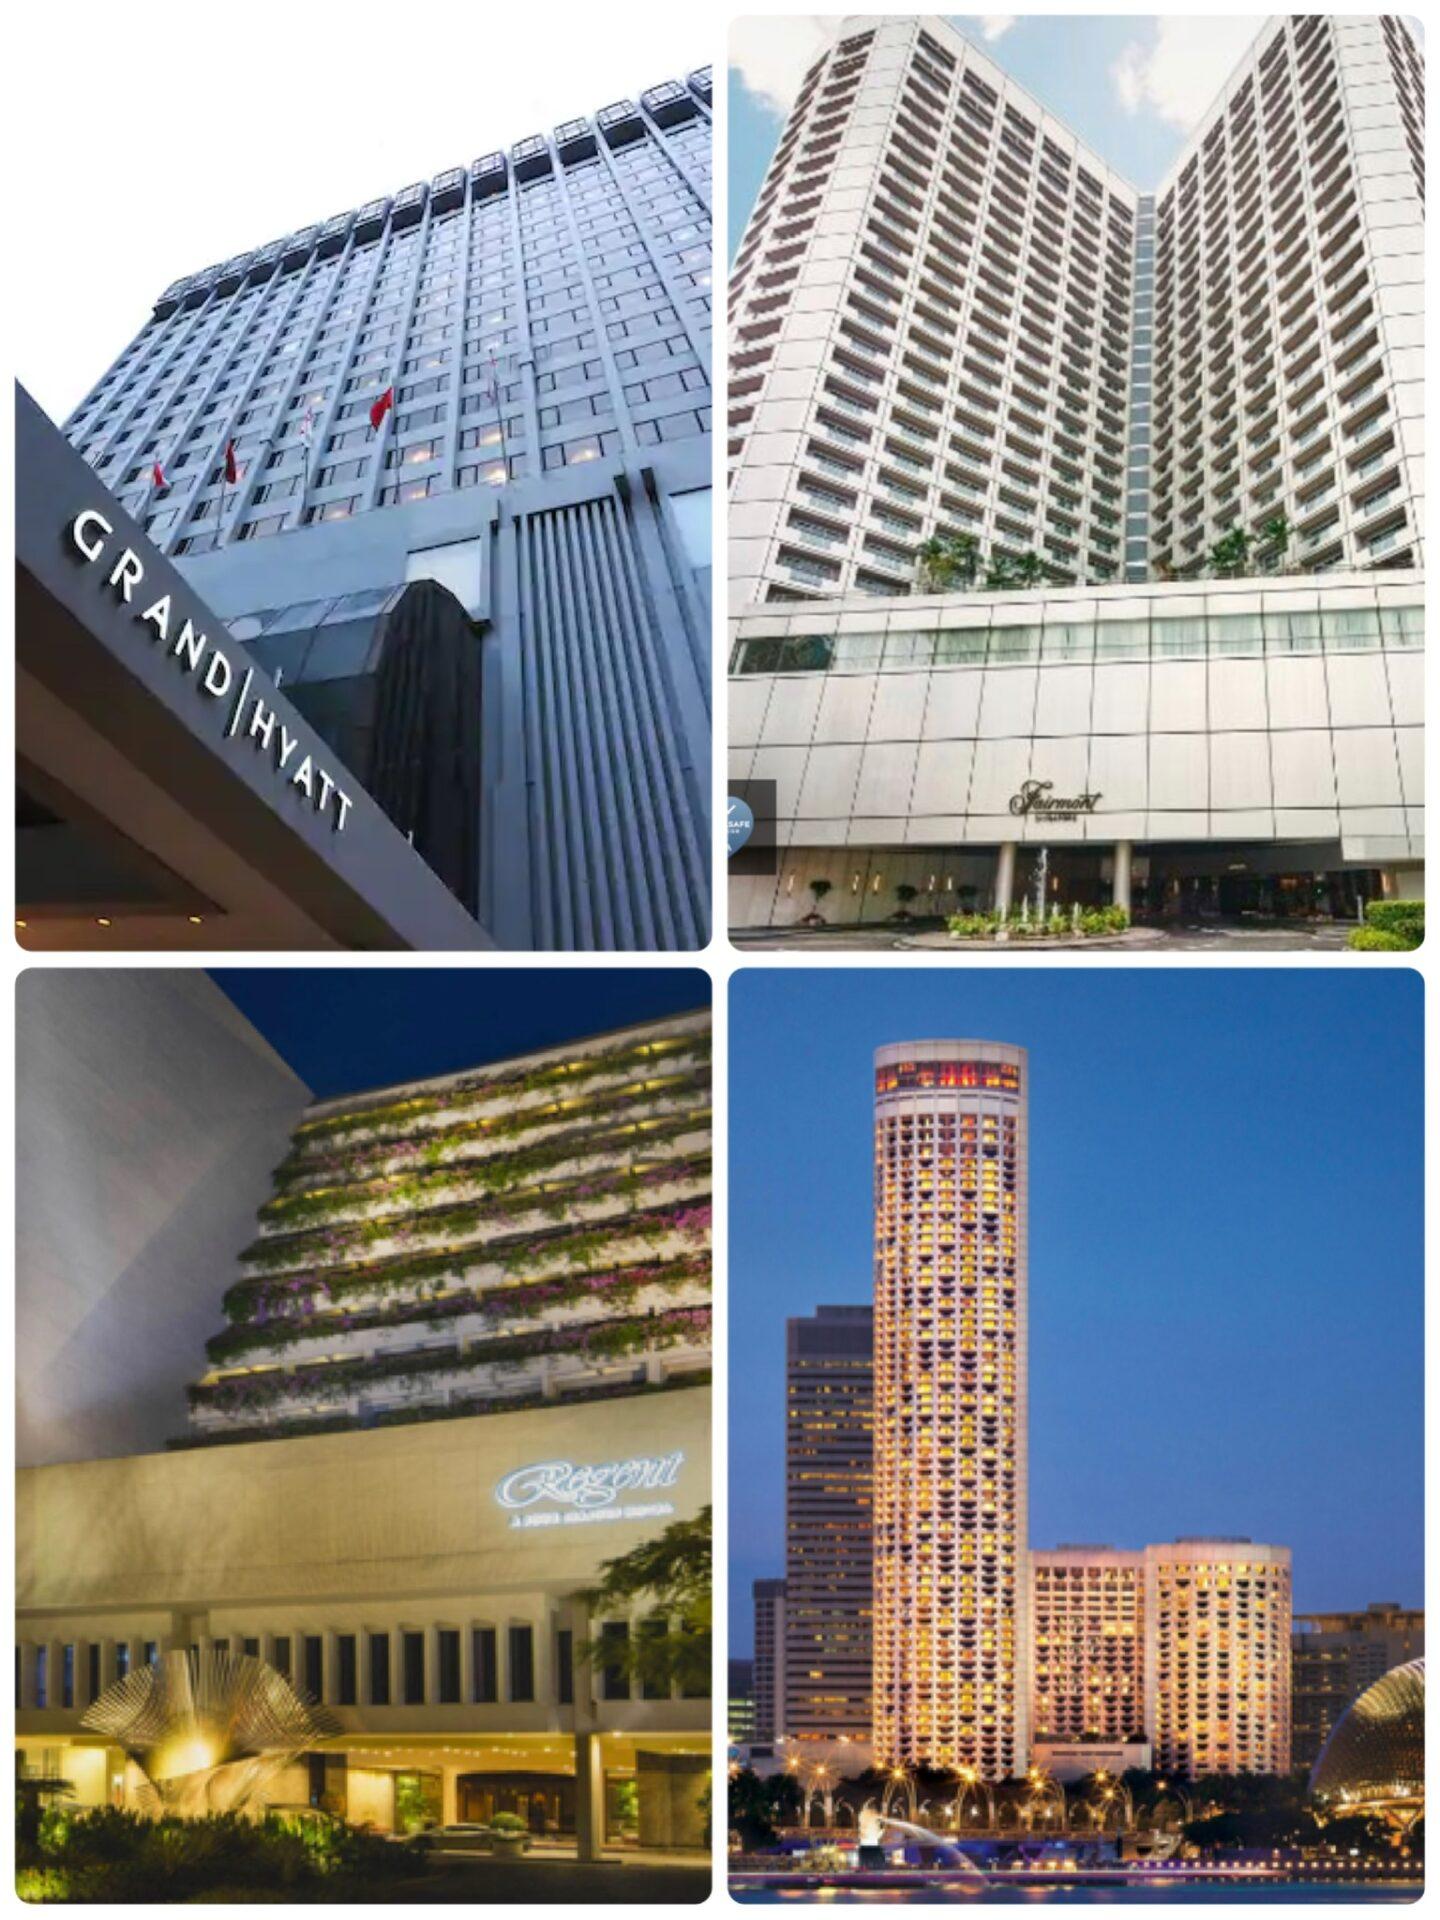 シンガポール入国時の14日間の隔離生活を快適に。追加料金支払いで高級ホテル滞在オプションが登場